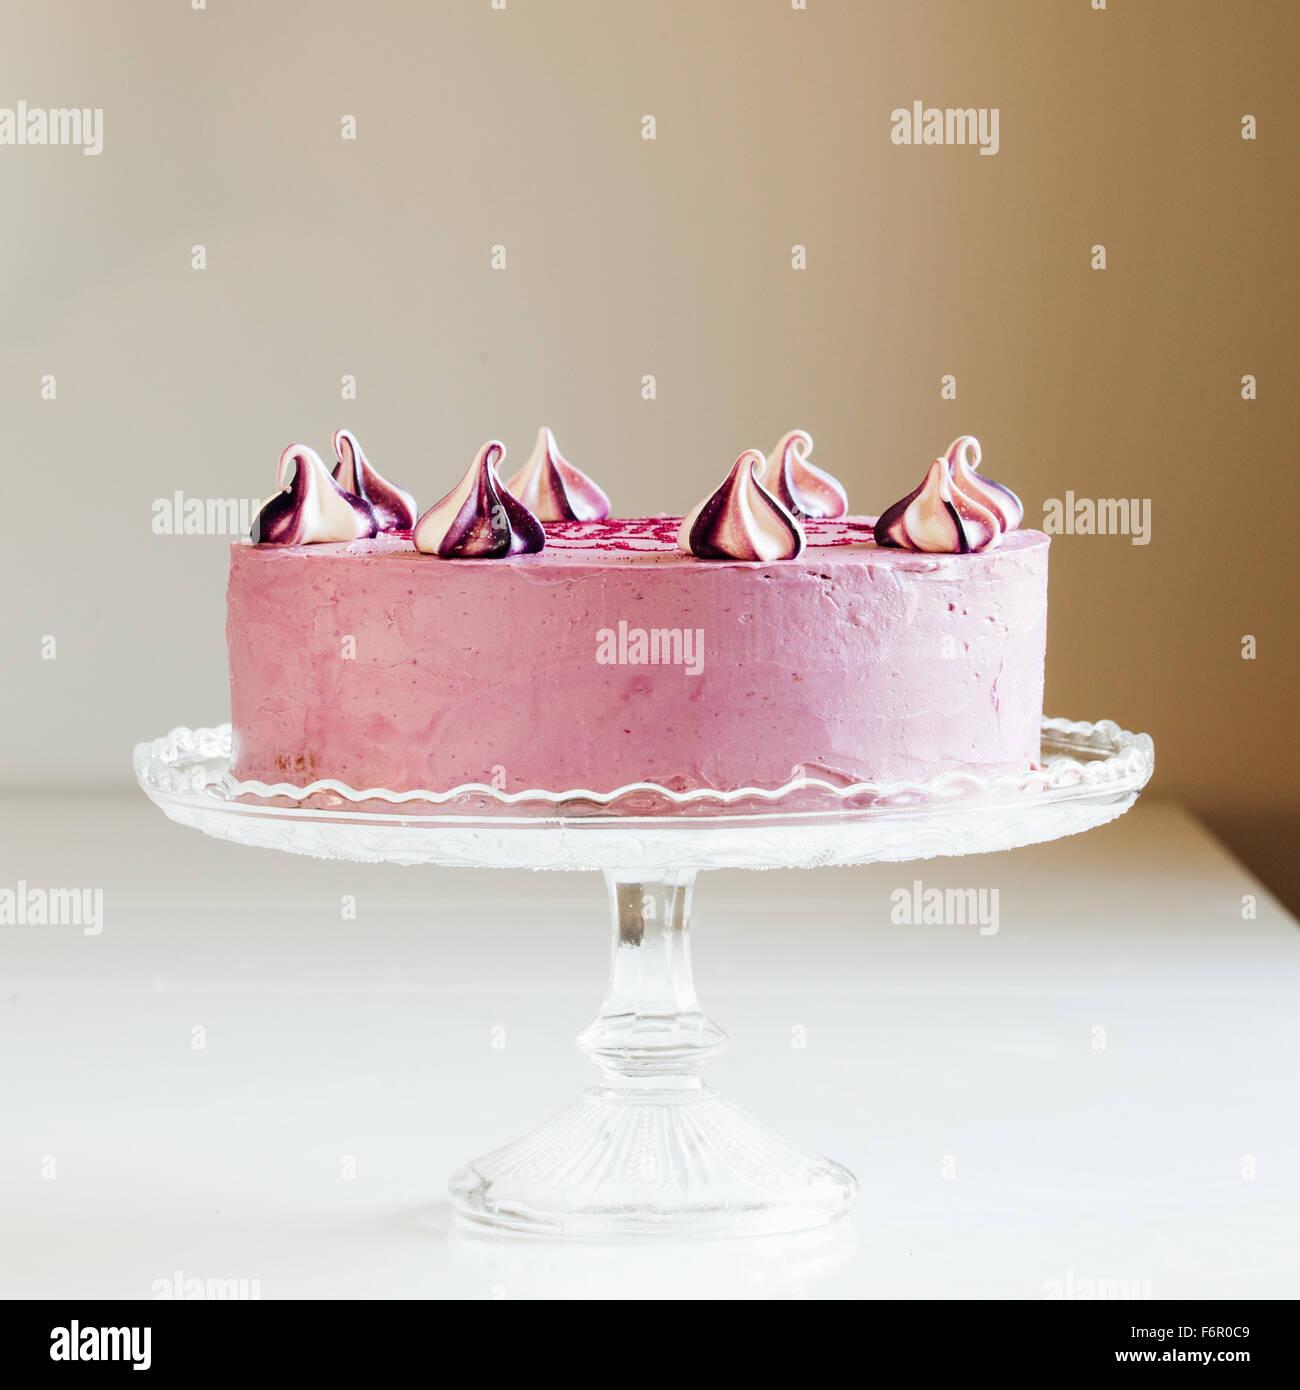 Schöne Lila Hausgemachte Kuchen Mit Ethnischen Muster Von Der Seite  Stockbild